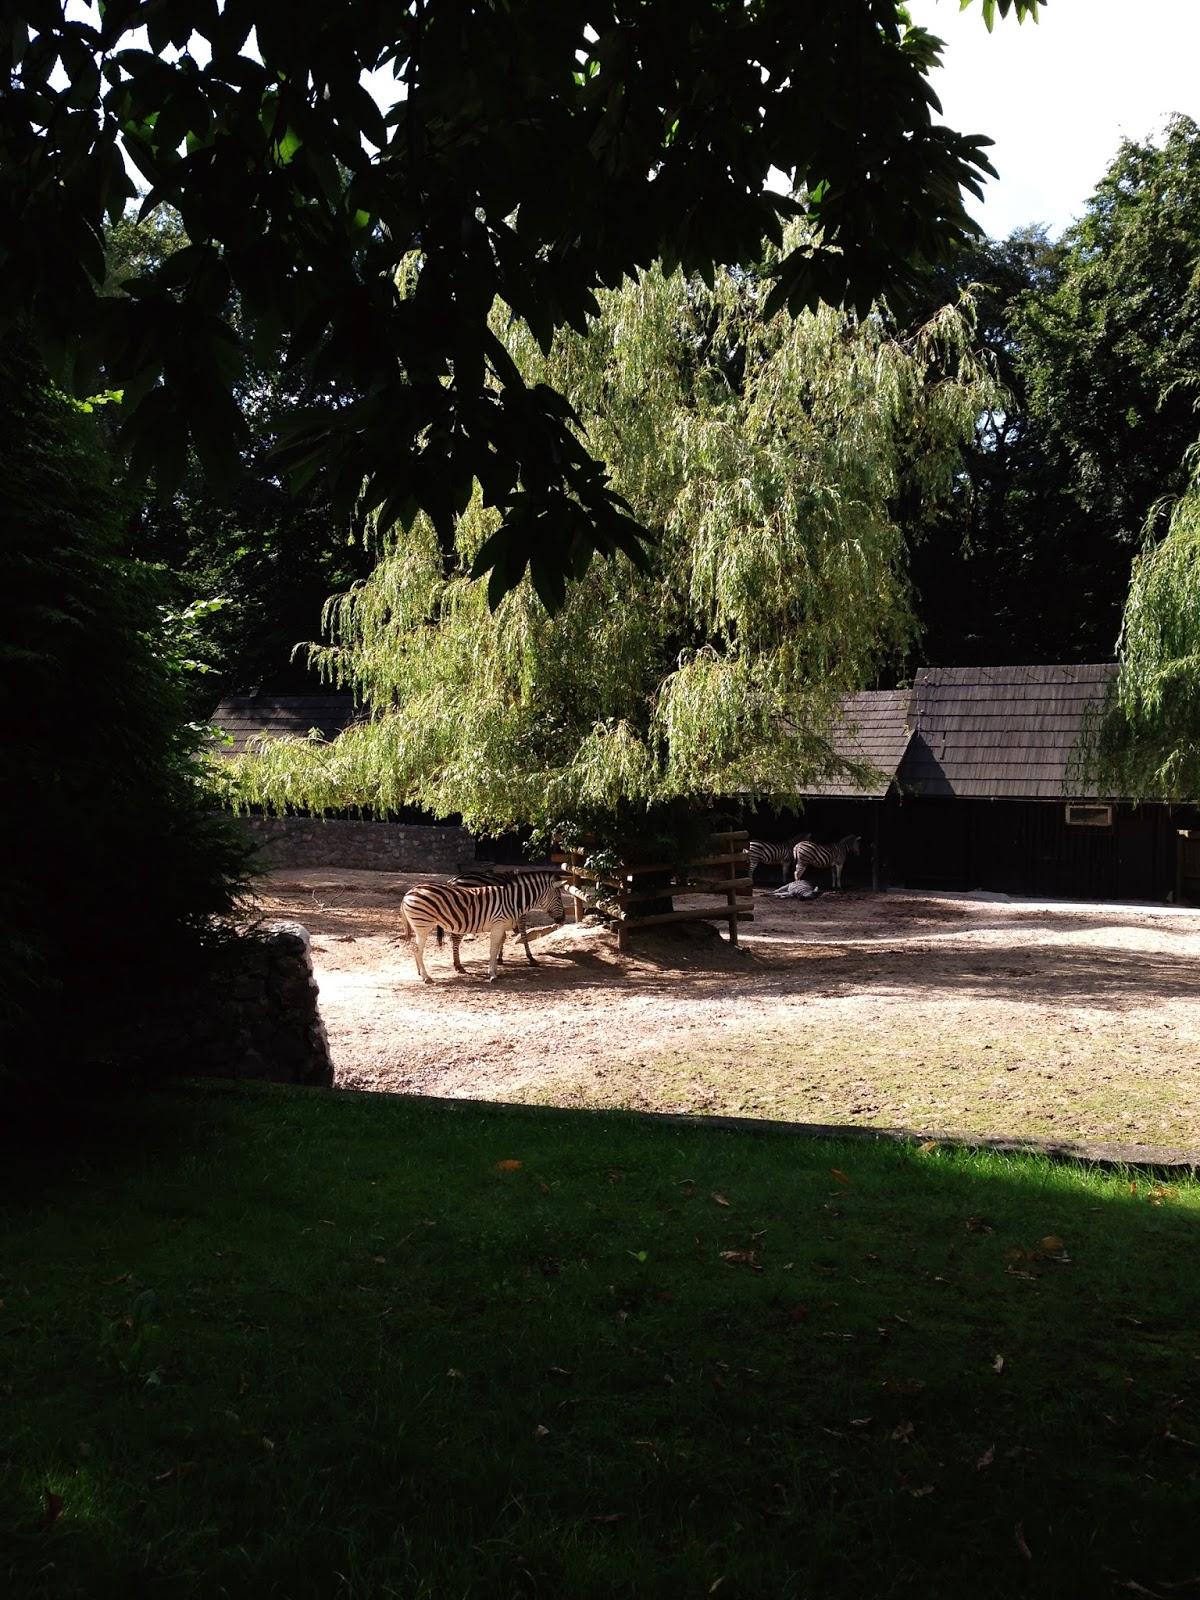 zebra w zoo